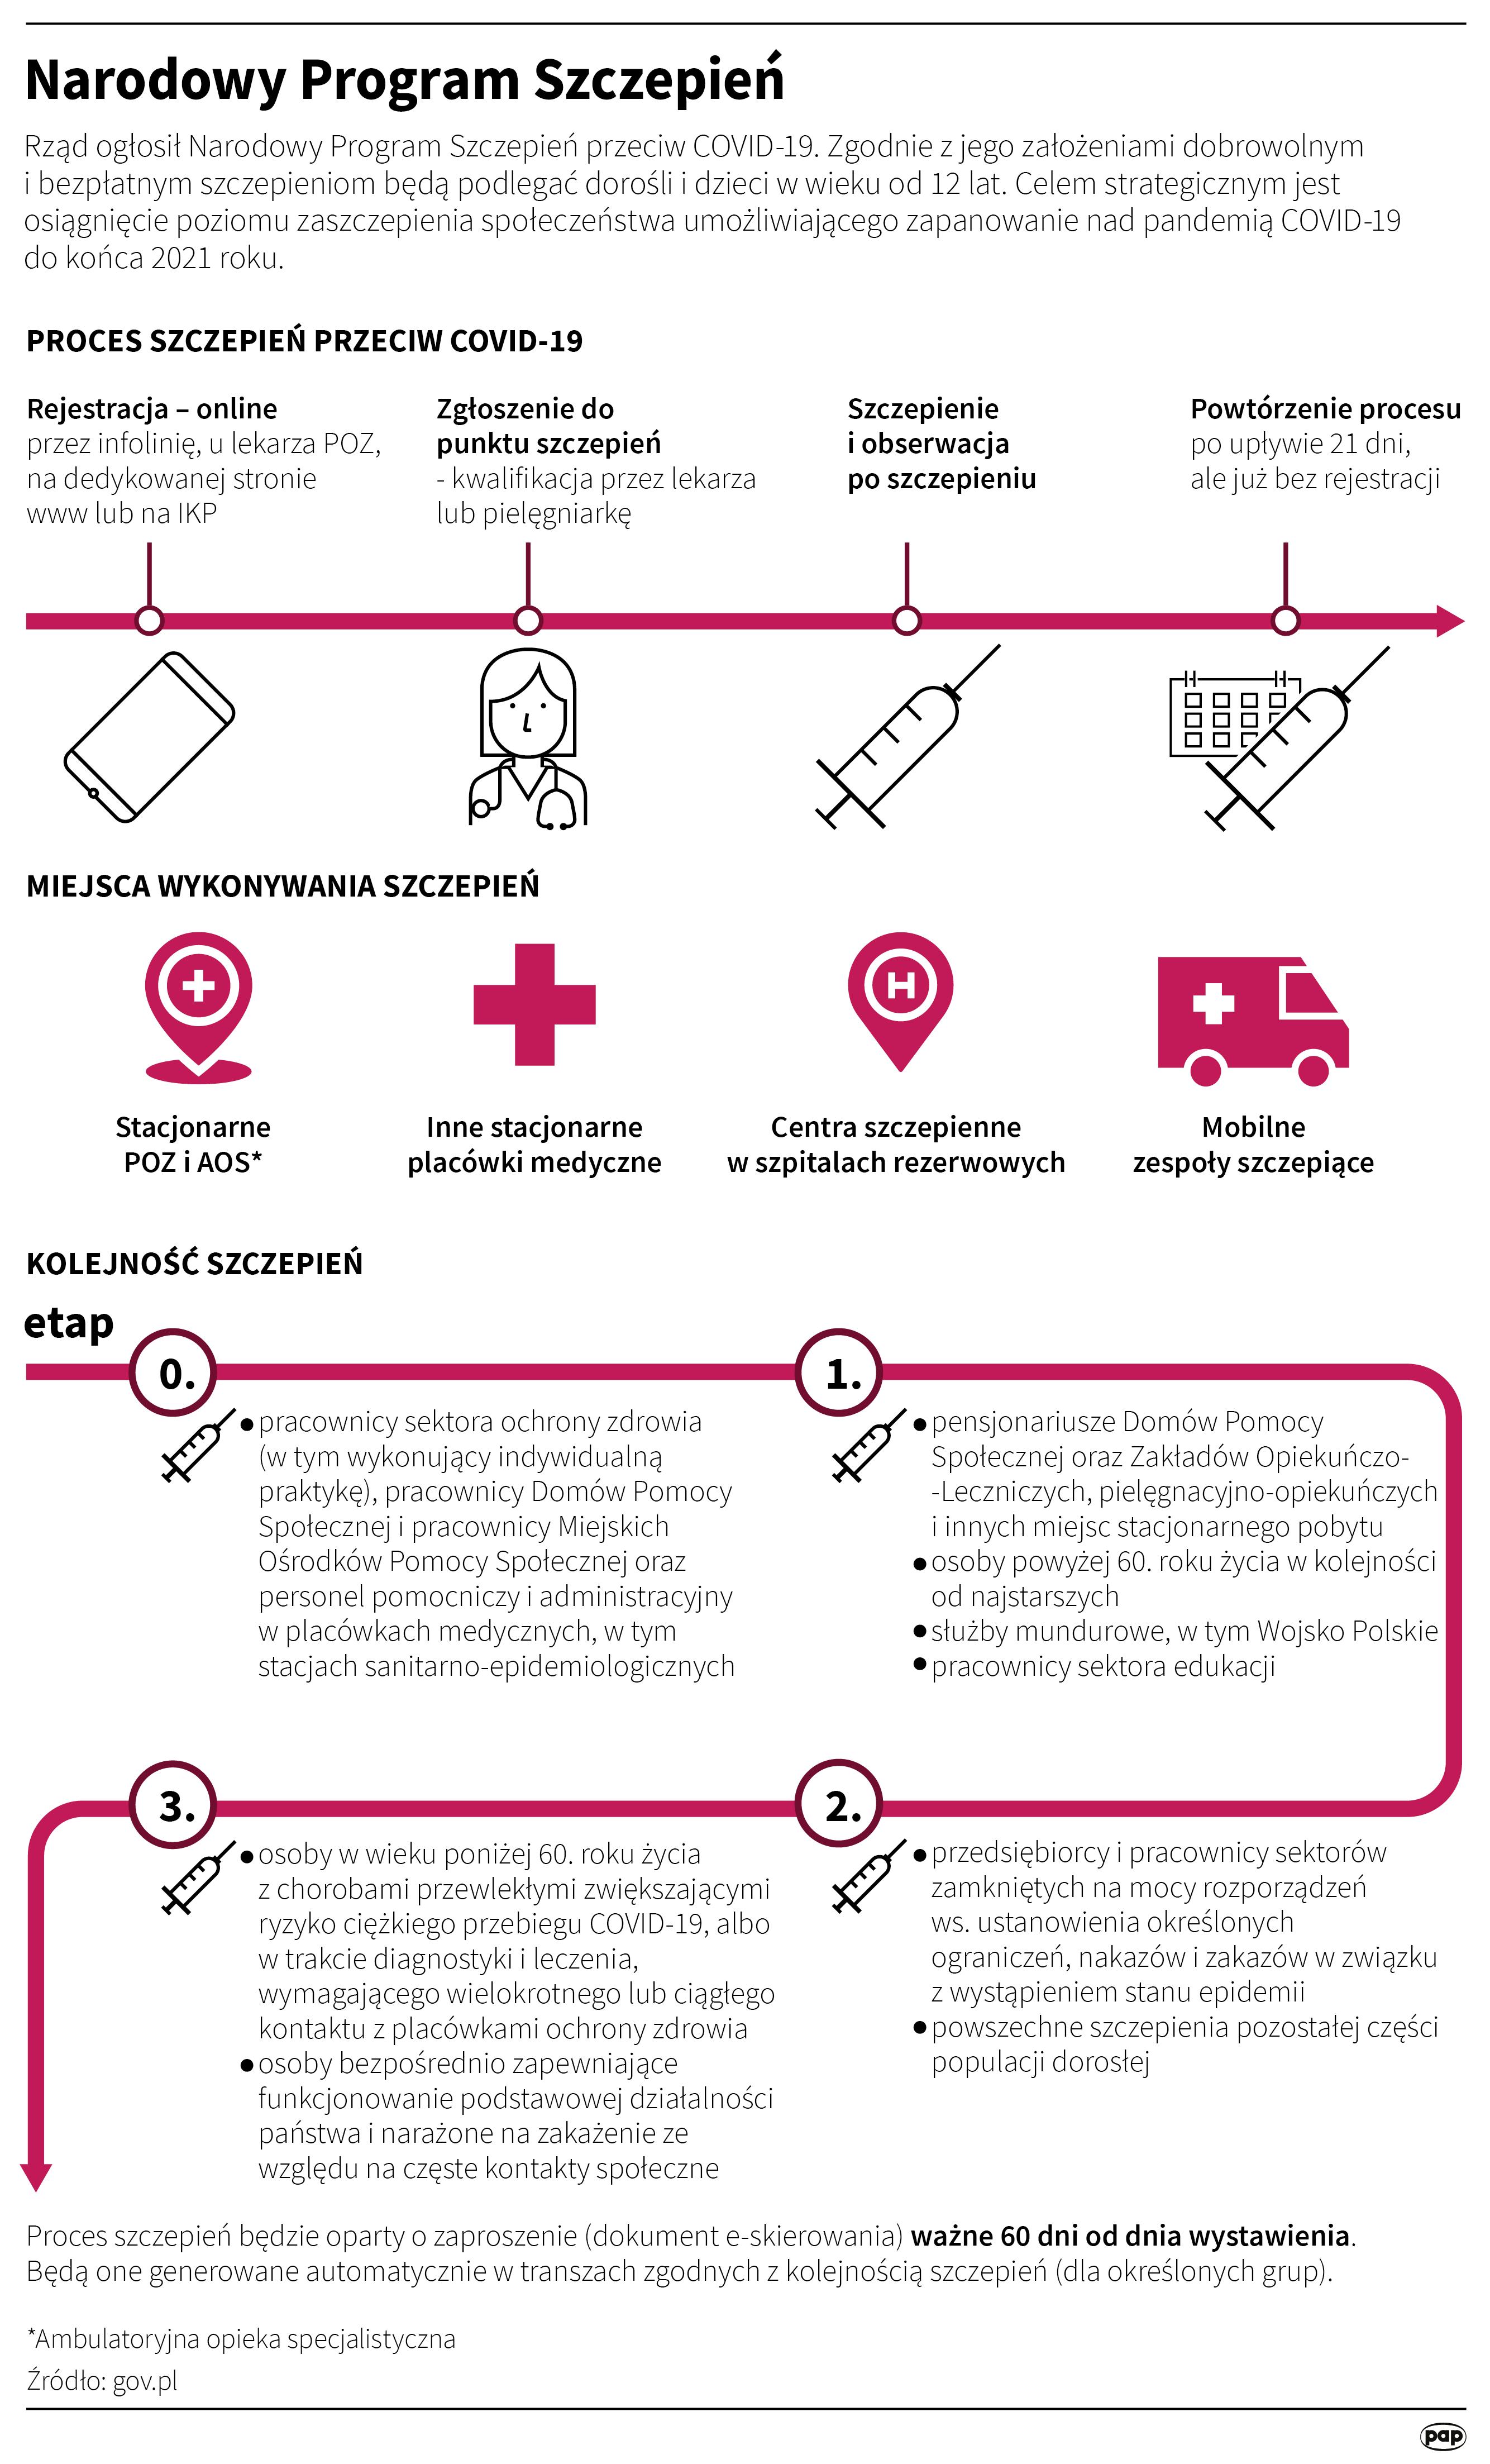 Narodowy Program Szczepień (opr. Maria Samczuk/PAP)